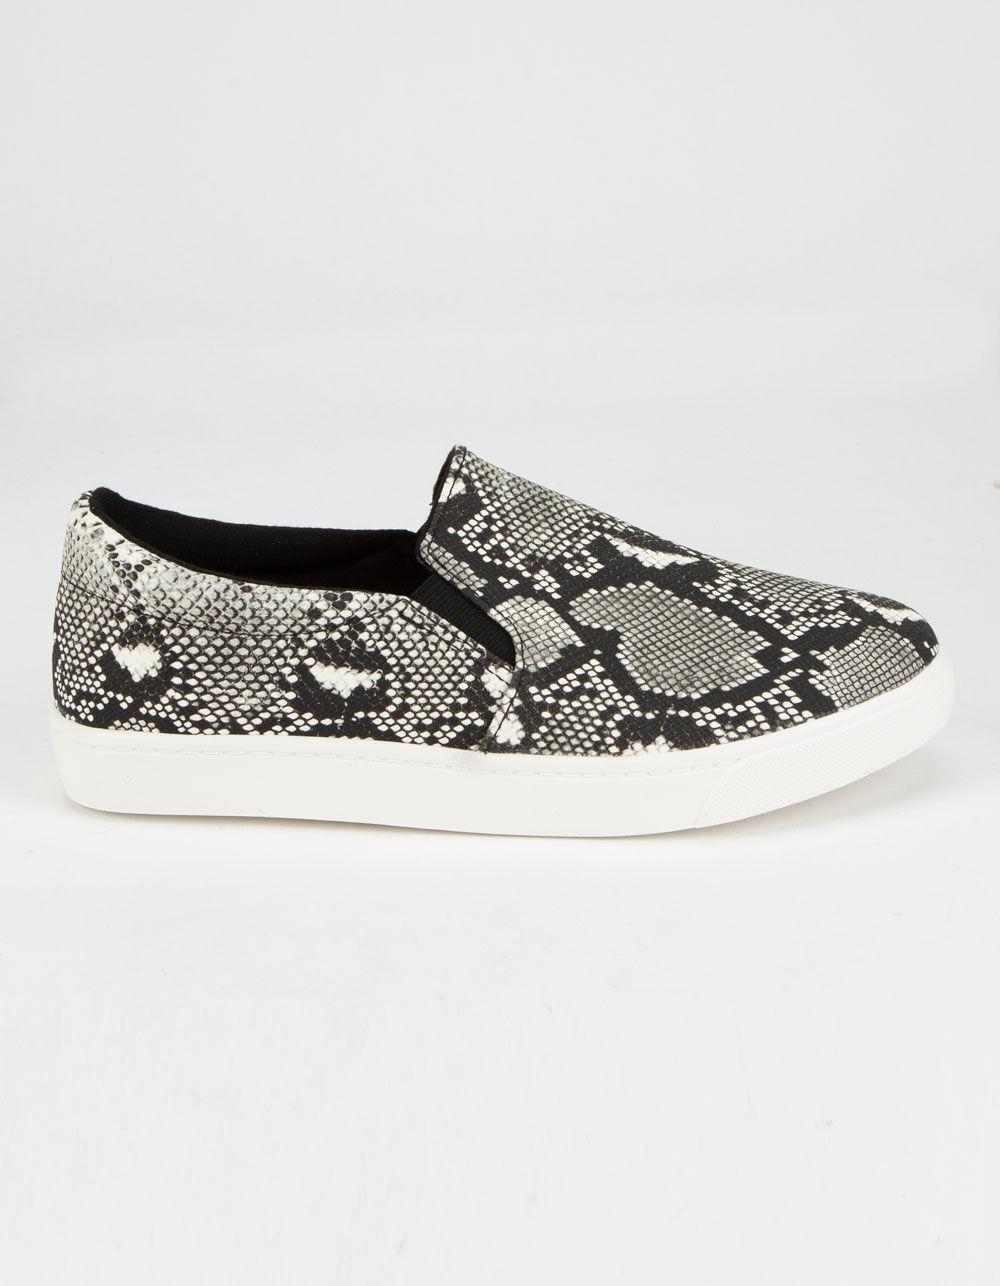 SODA Reign Snake Slip-On Shoes